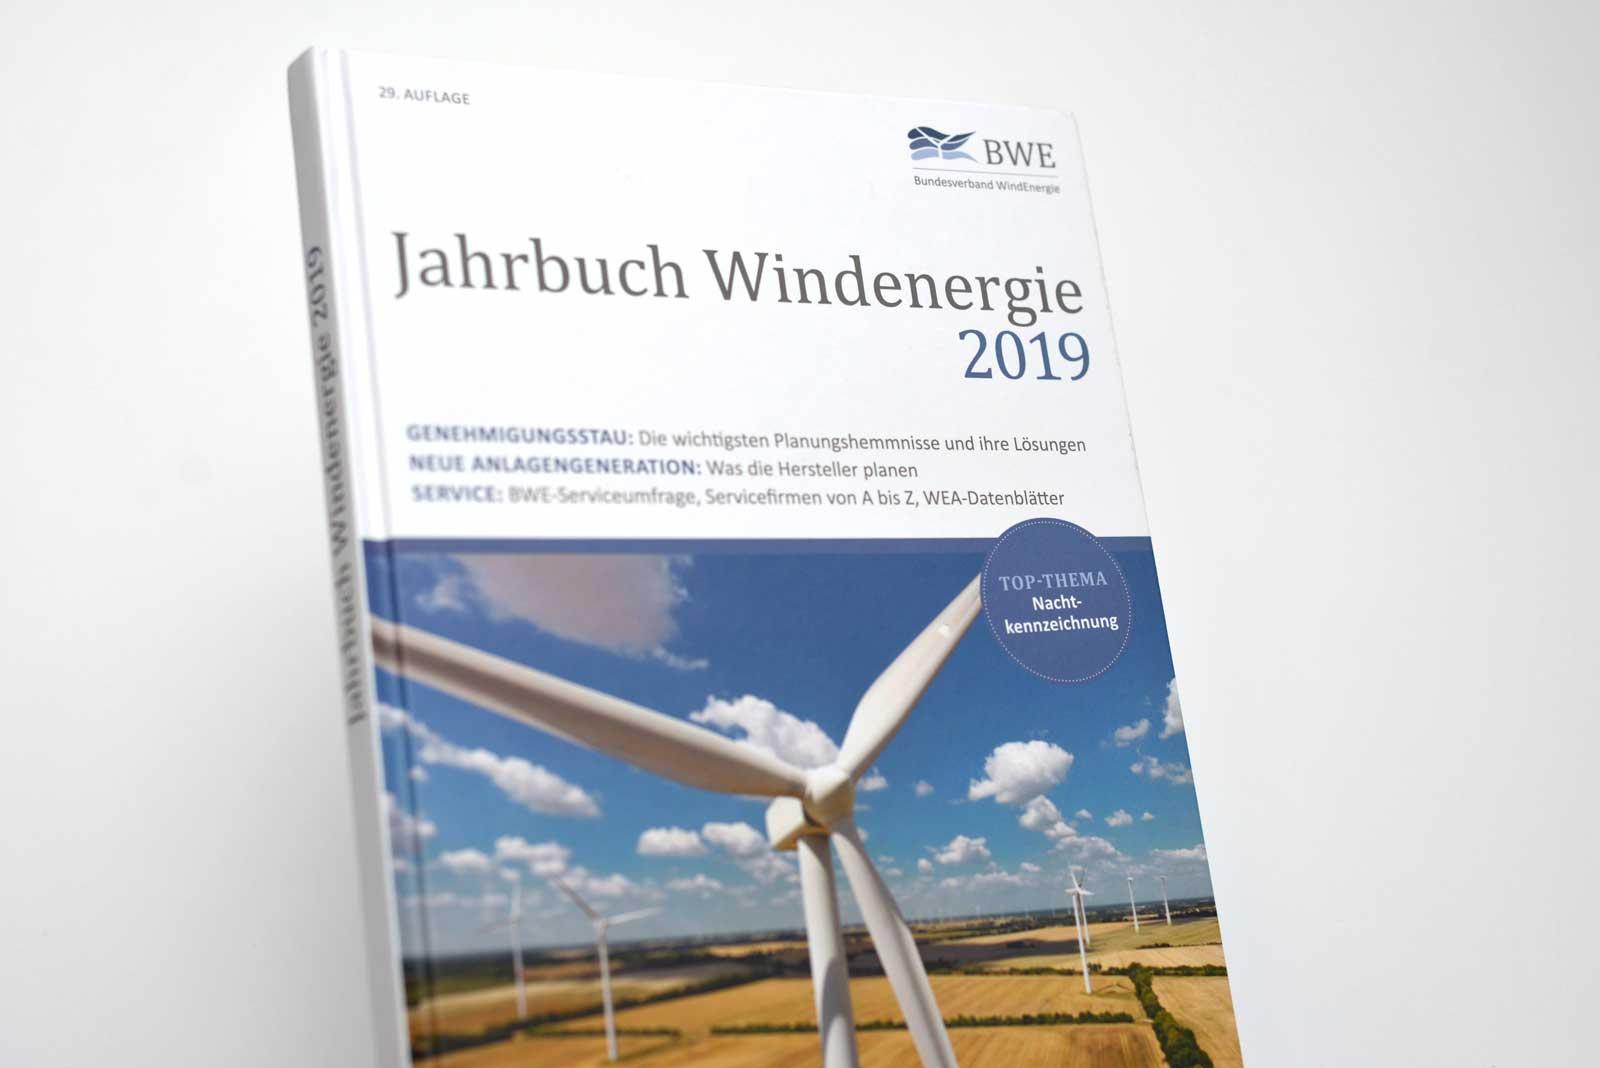 Jahrbuch Windenergie 2019